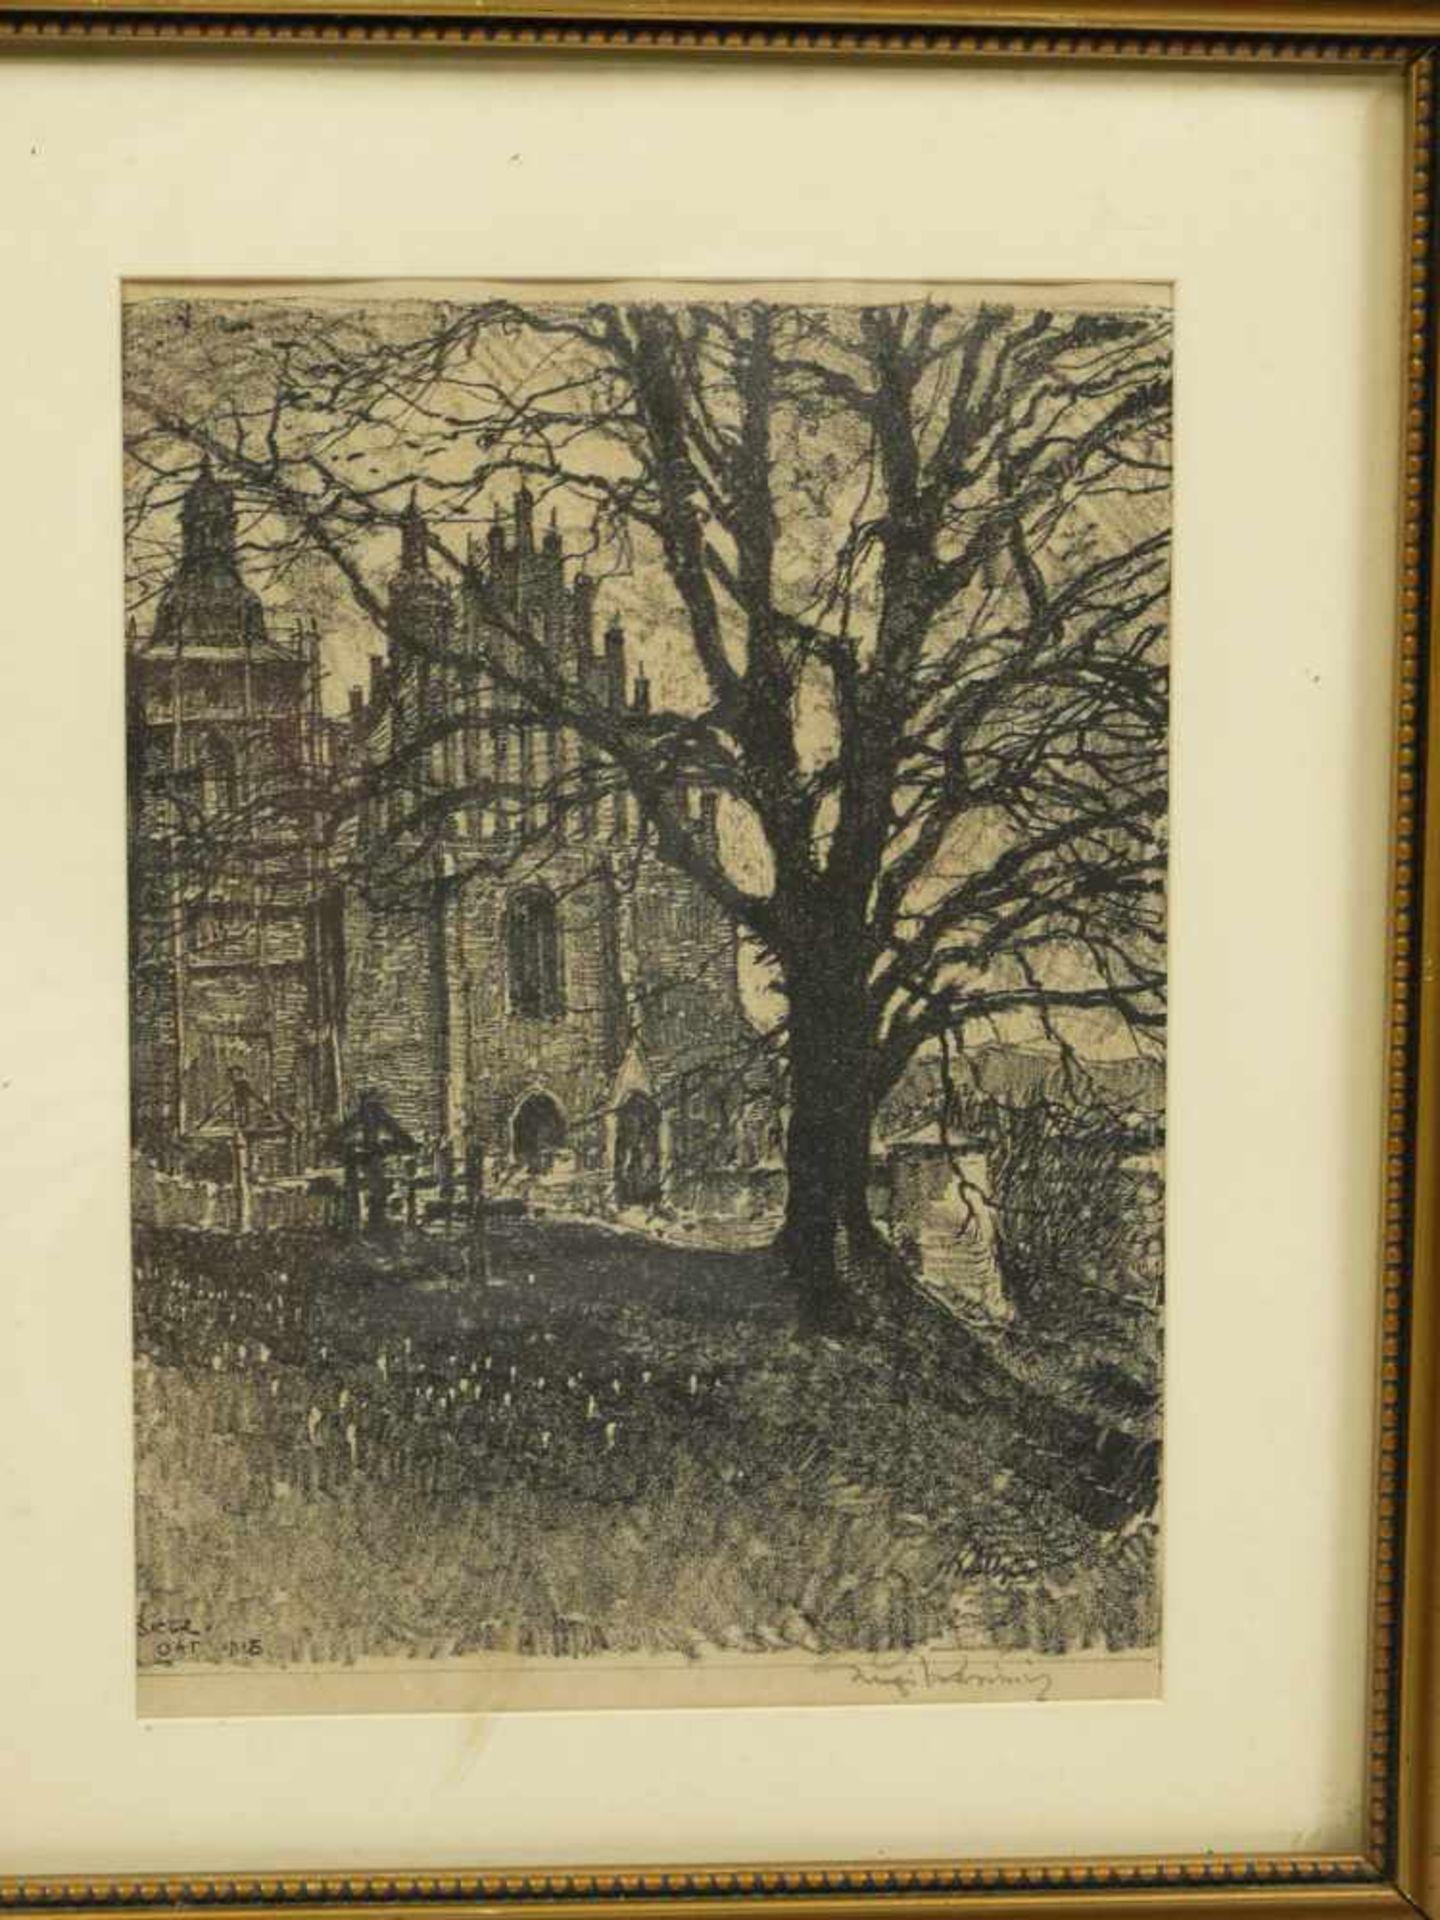 Los 1 - Kasimir, Luigi (1881-1962) - Zeichnung Biecz 1915Blick über einen Friedhof auf die Fassade einer